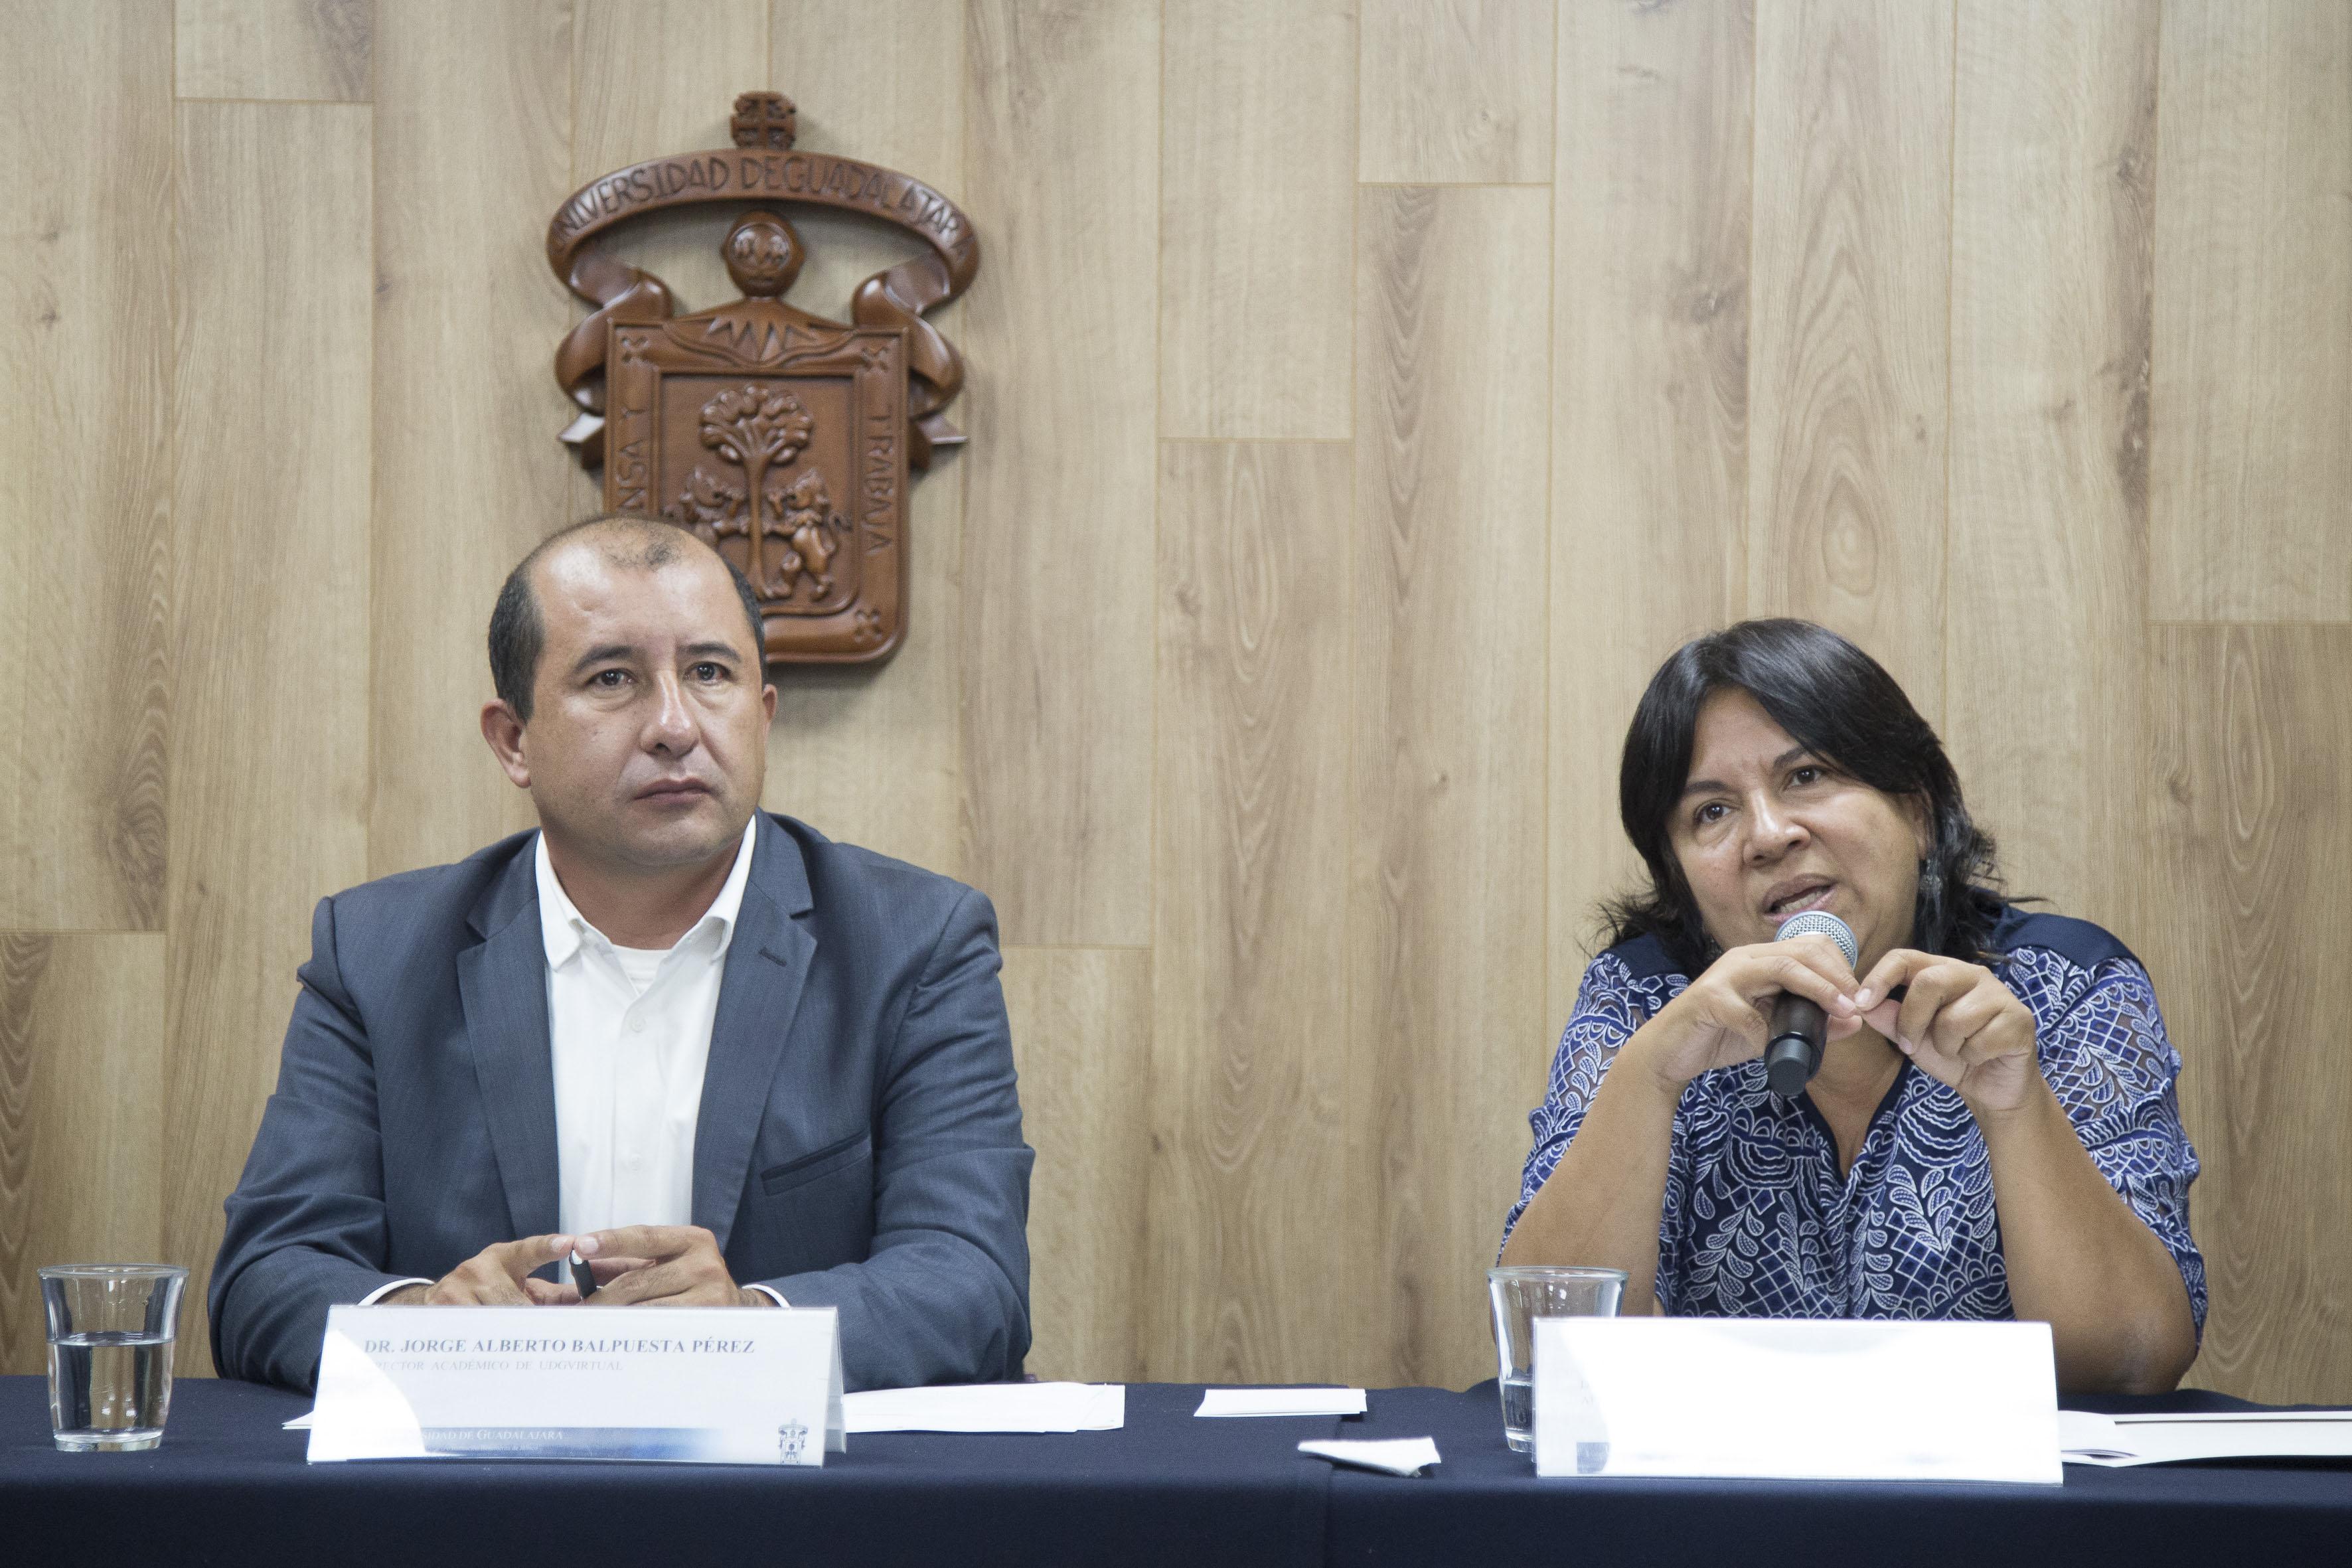 Investigadores de UDGVirtual, ofreciendo pormenores del XXV Encuentro Internacional de Educación a Distancia, próximo a efectuarse en el marco de la Feria Internacional del Libro 2017.